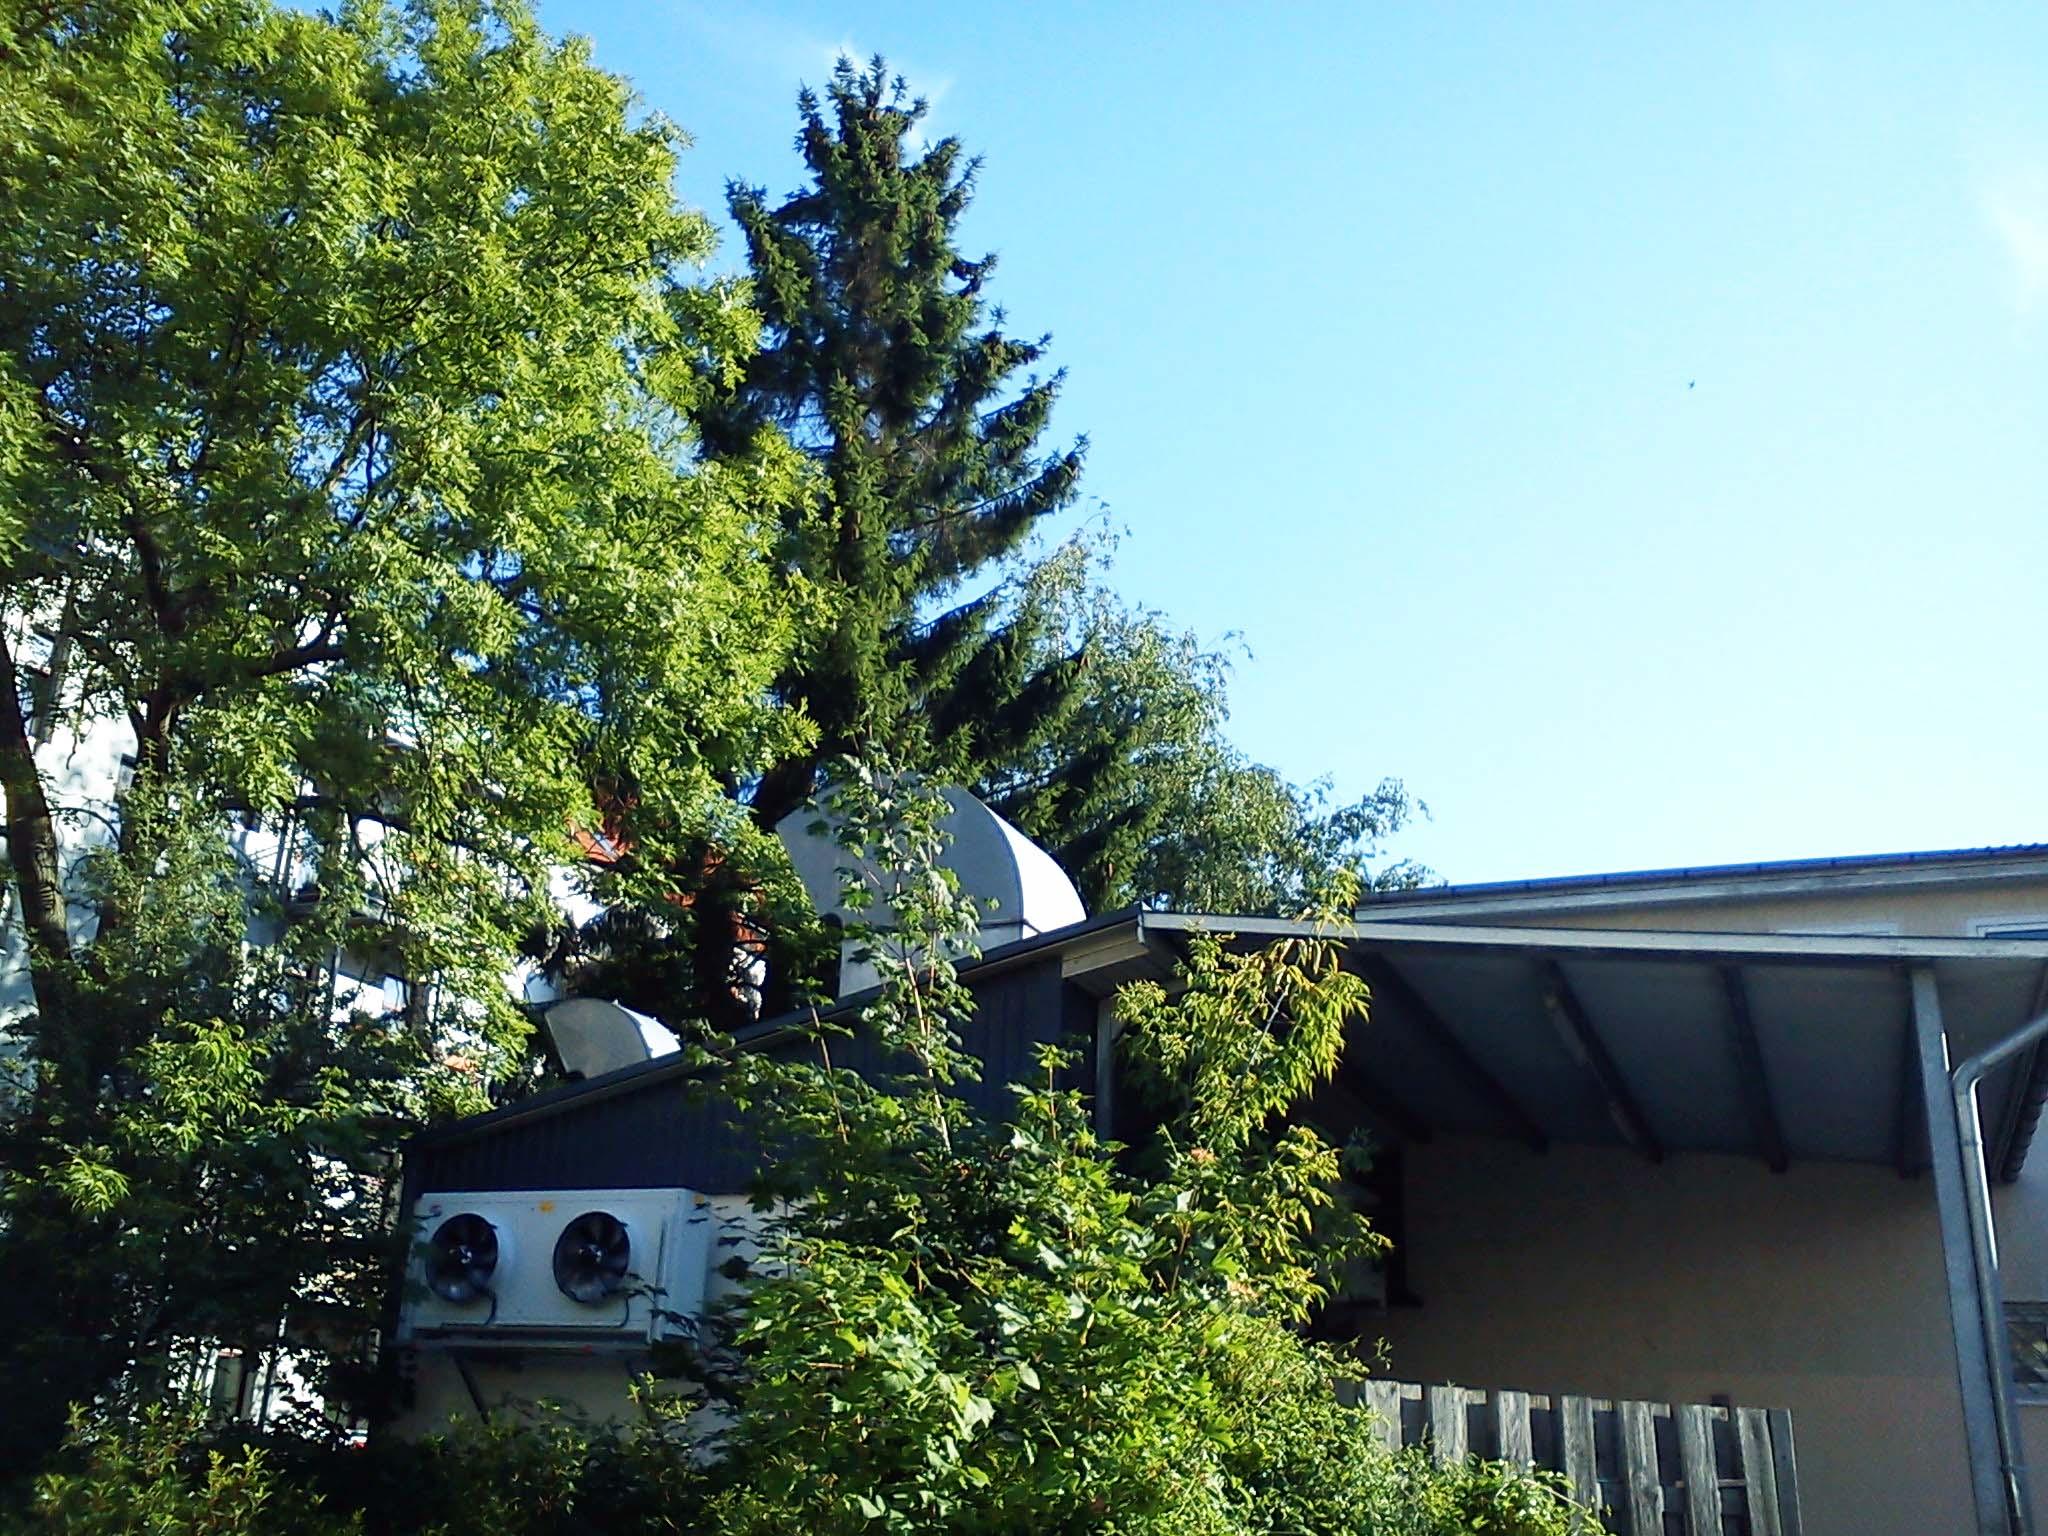 Limpieza de jardines en zaragoza cangurin for Arboles altos para jardin